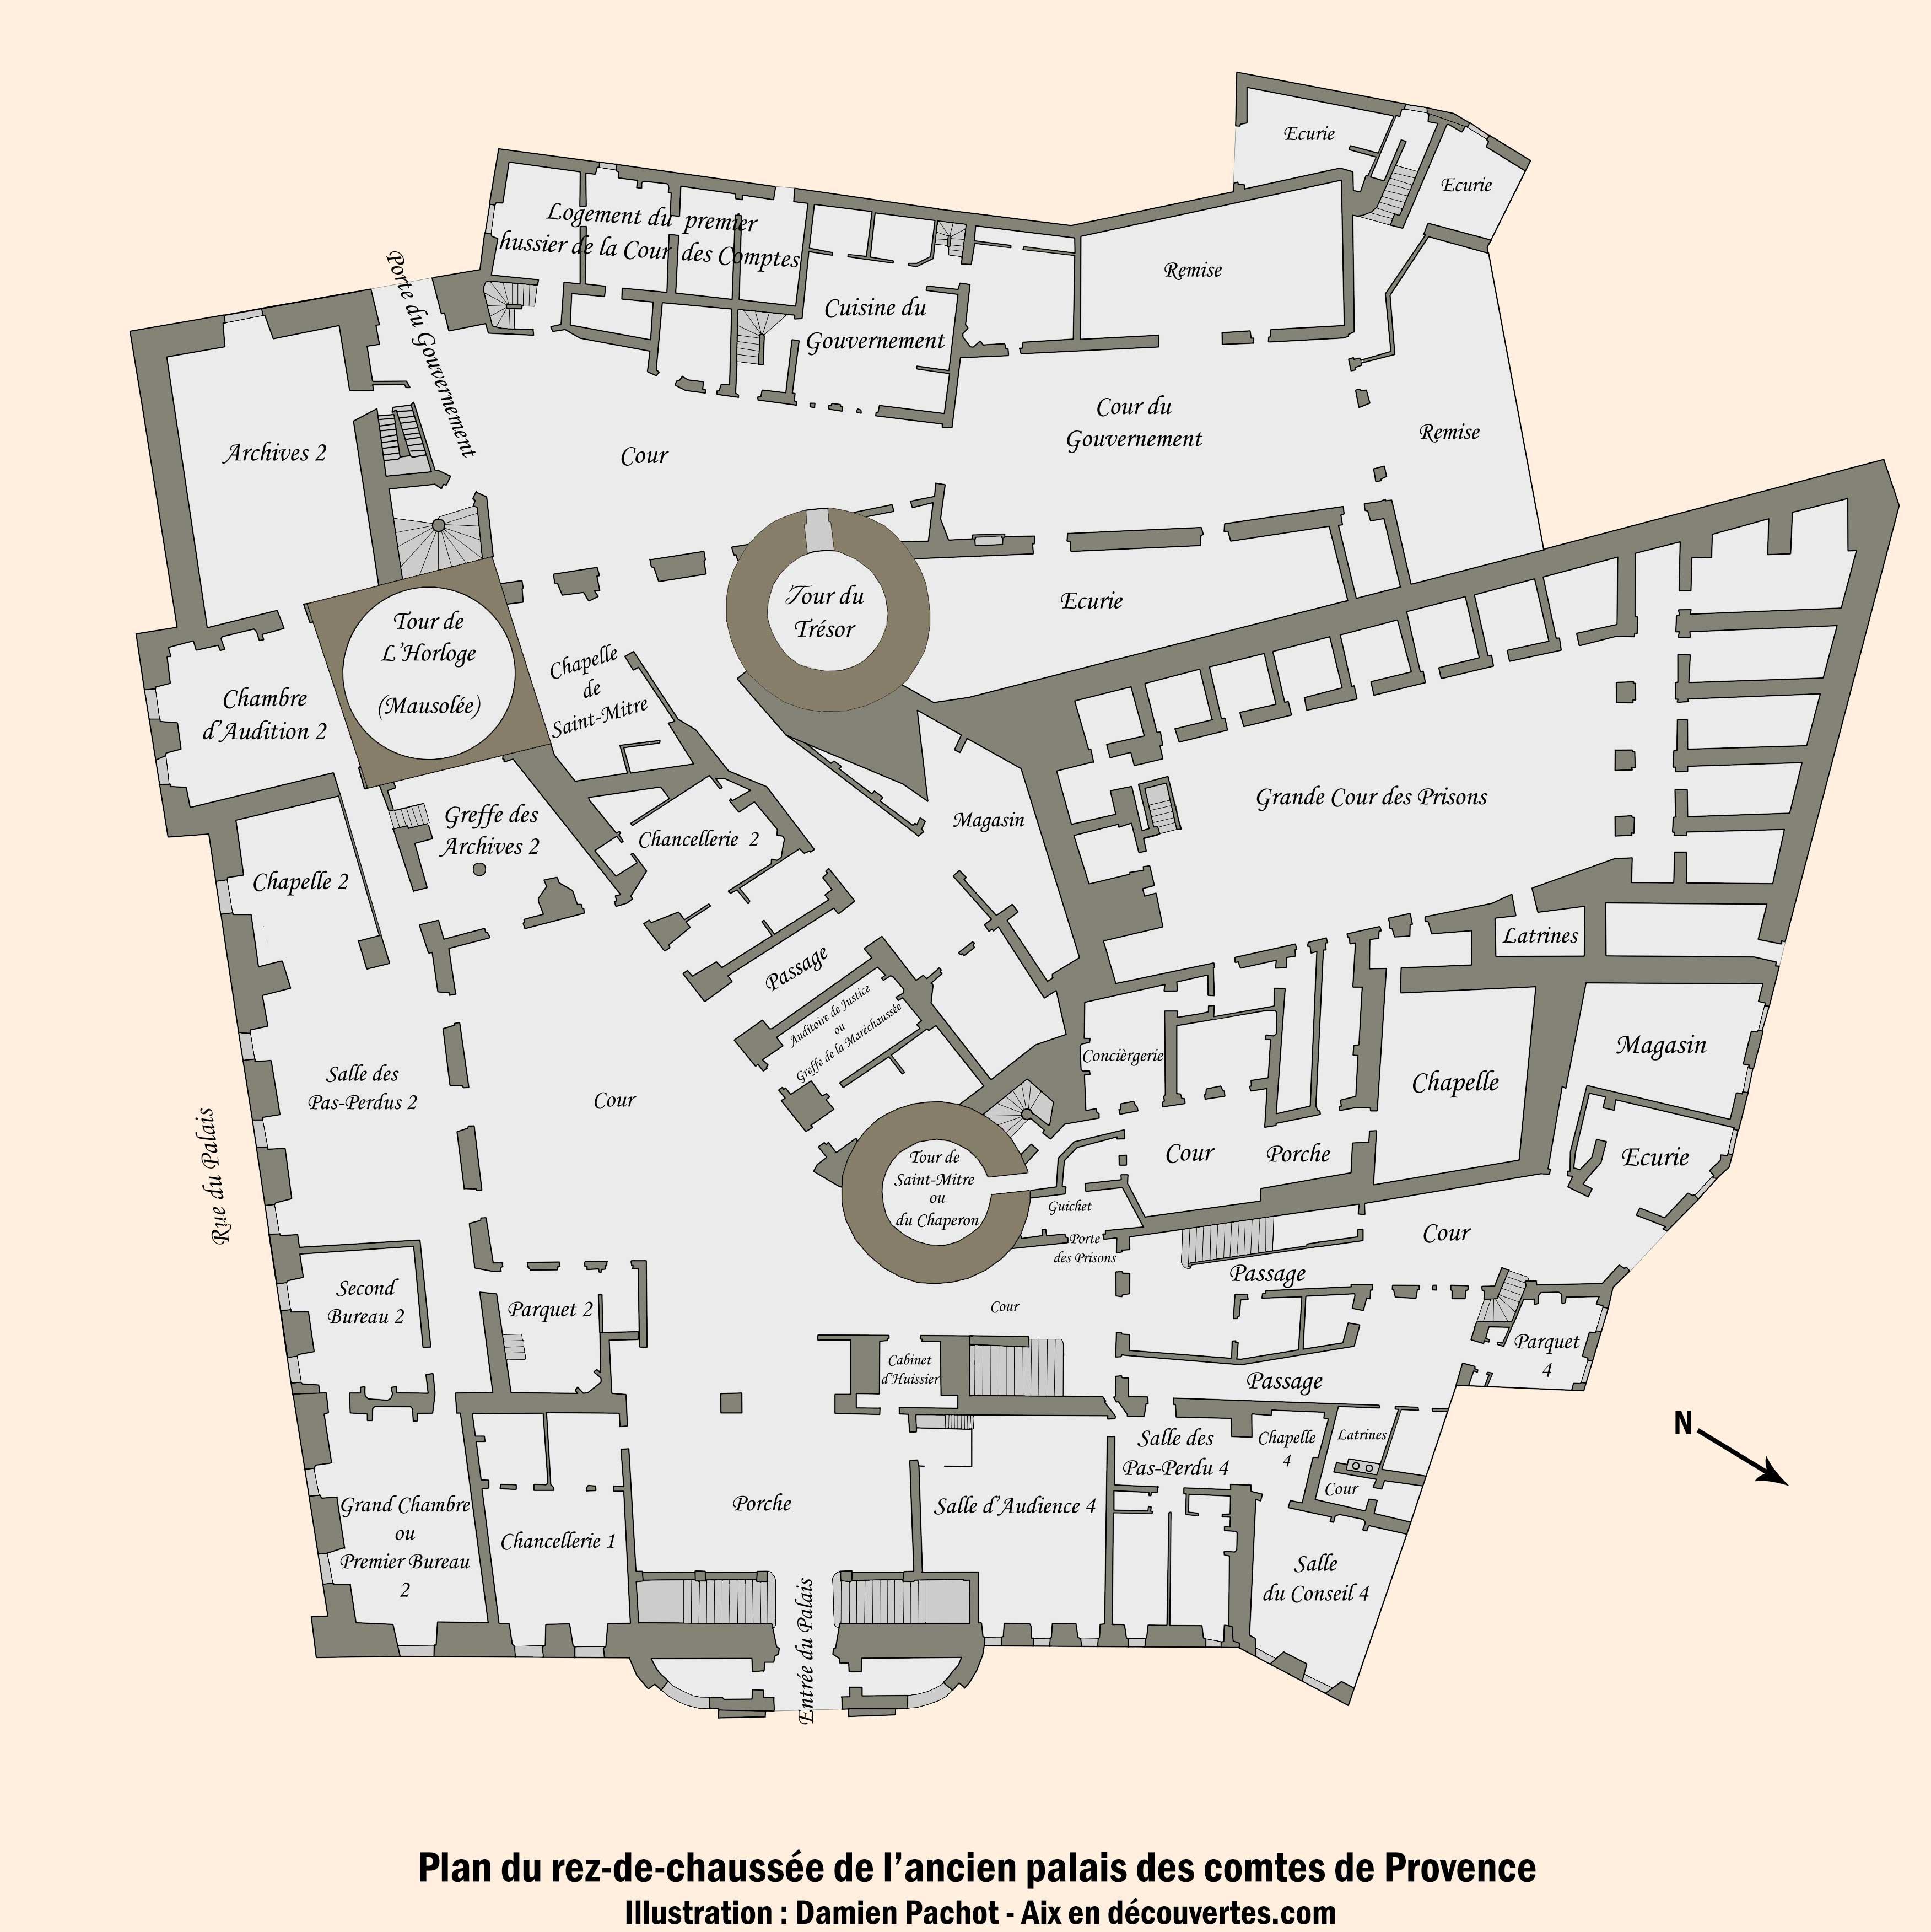 Plan du rez-de chaussée du palais comtal réalisé à partir de celui conservé à la bibliothèque Méjanes - (Cliquez sur l'image pour l'agrandir)